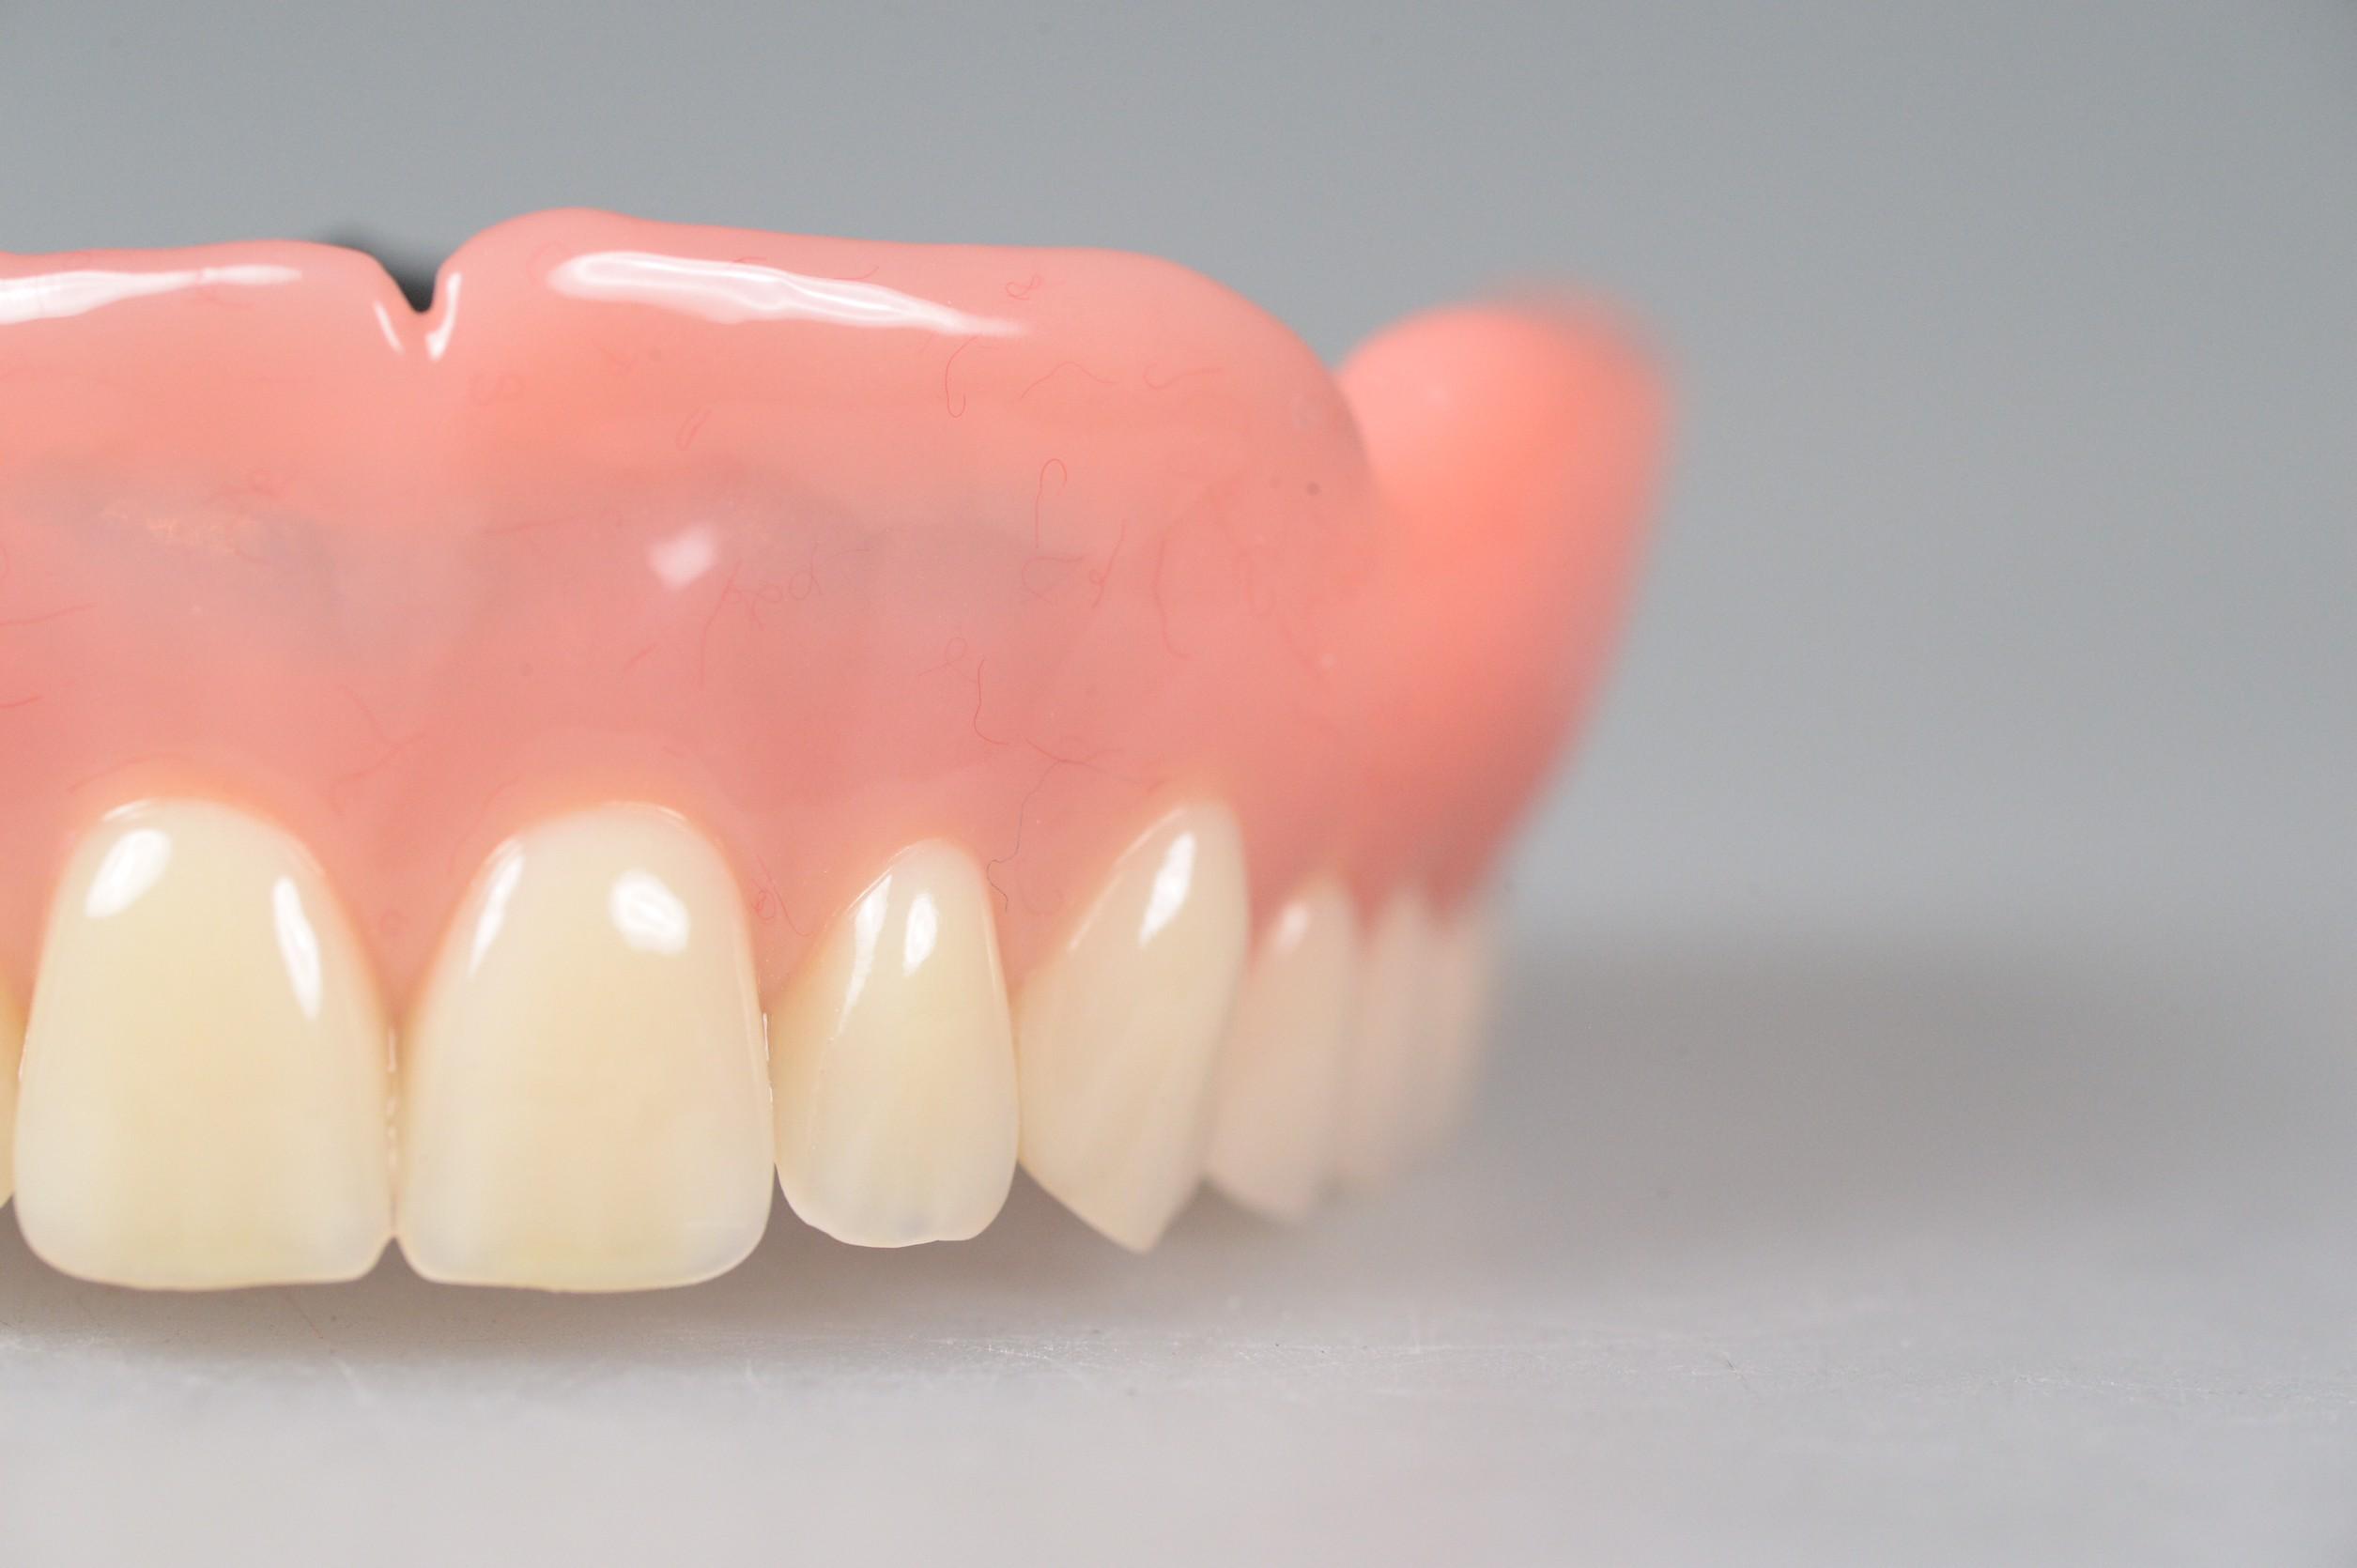 違和感のない総入れ歯